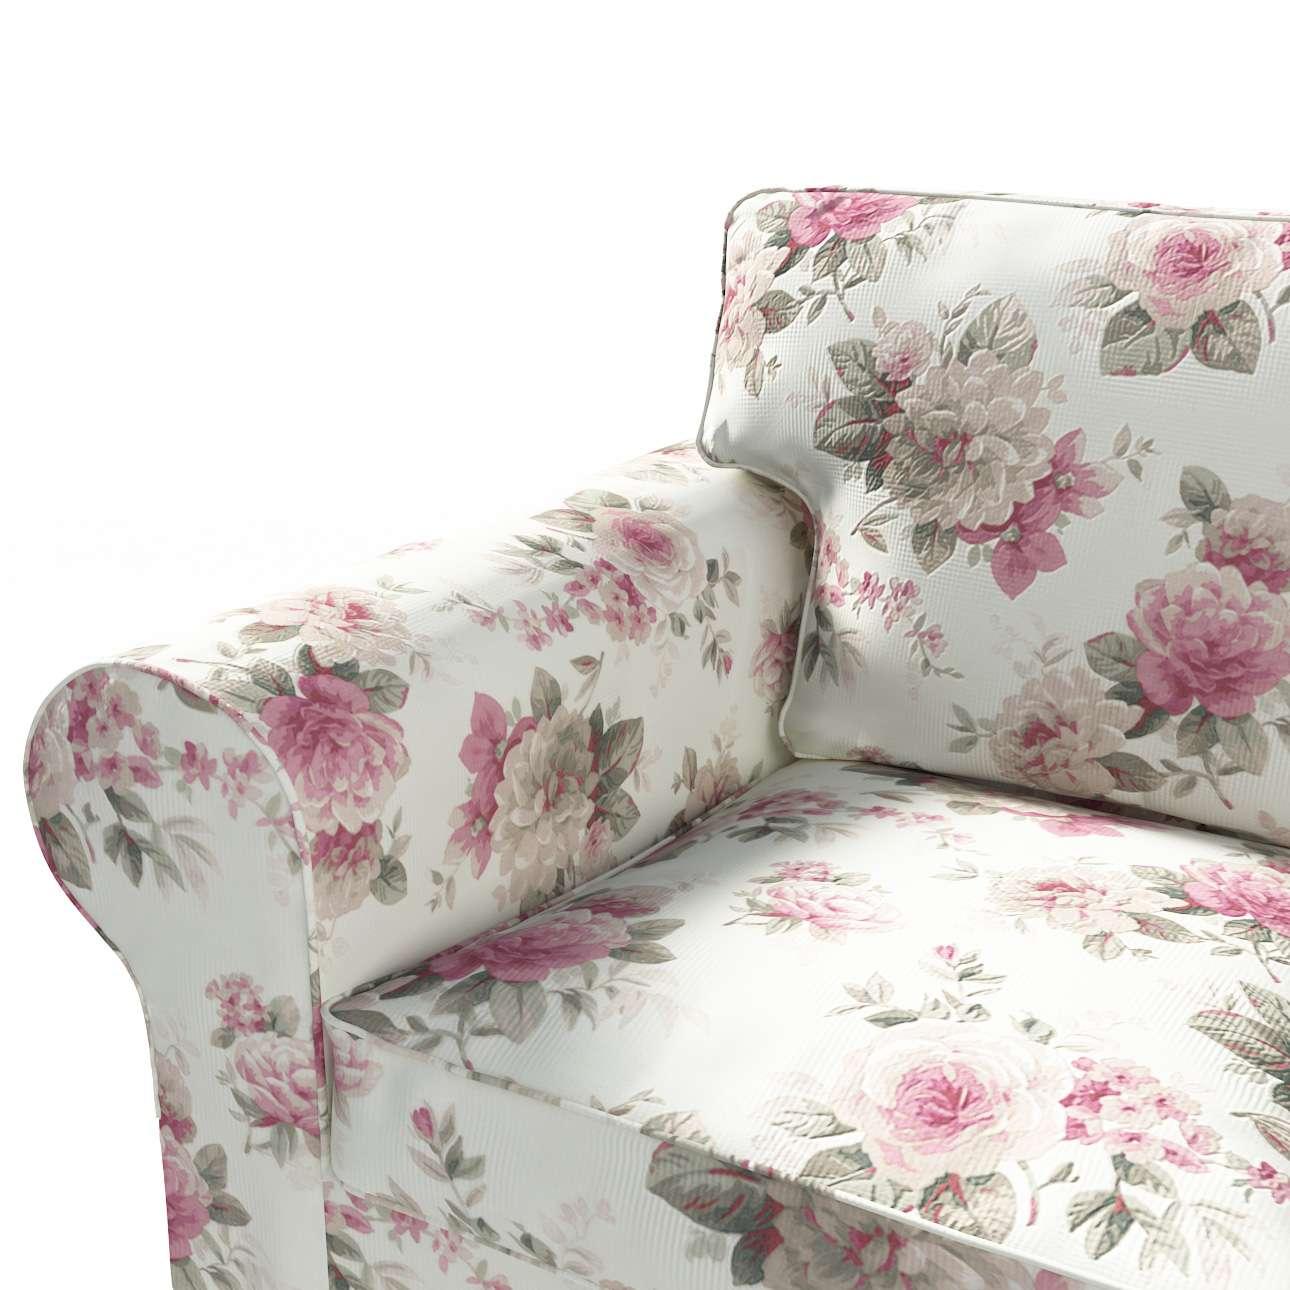 Ektorp trivietės sofos-lovos užvalkalas Ektorp trivietė sofa-lova kolekcijoje Mirella, audinys: 141-07